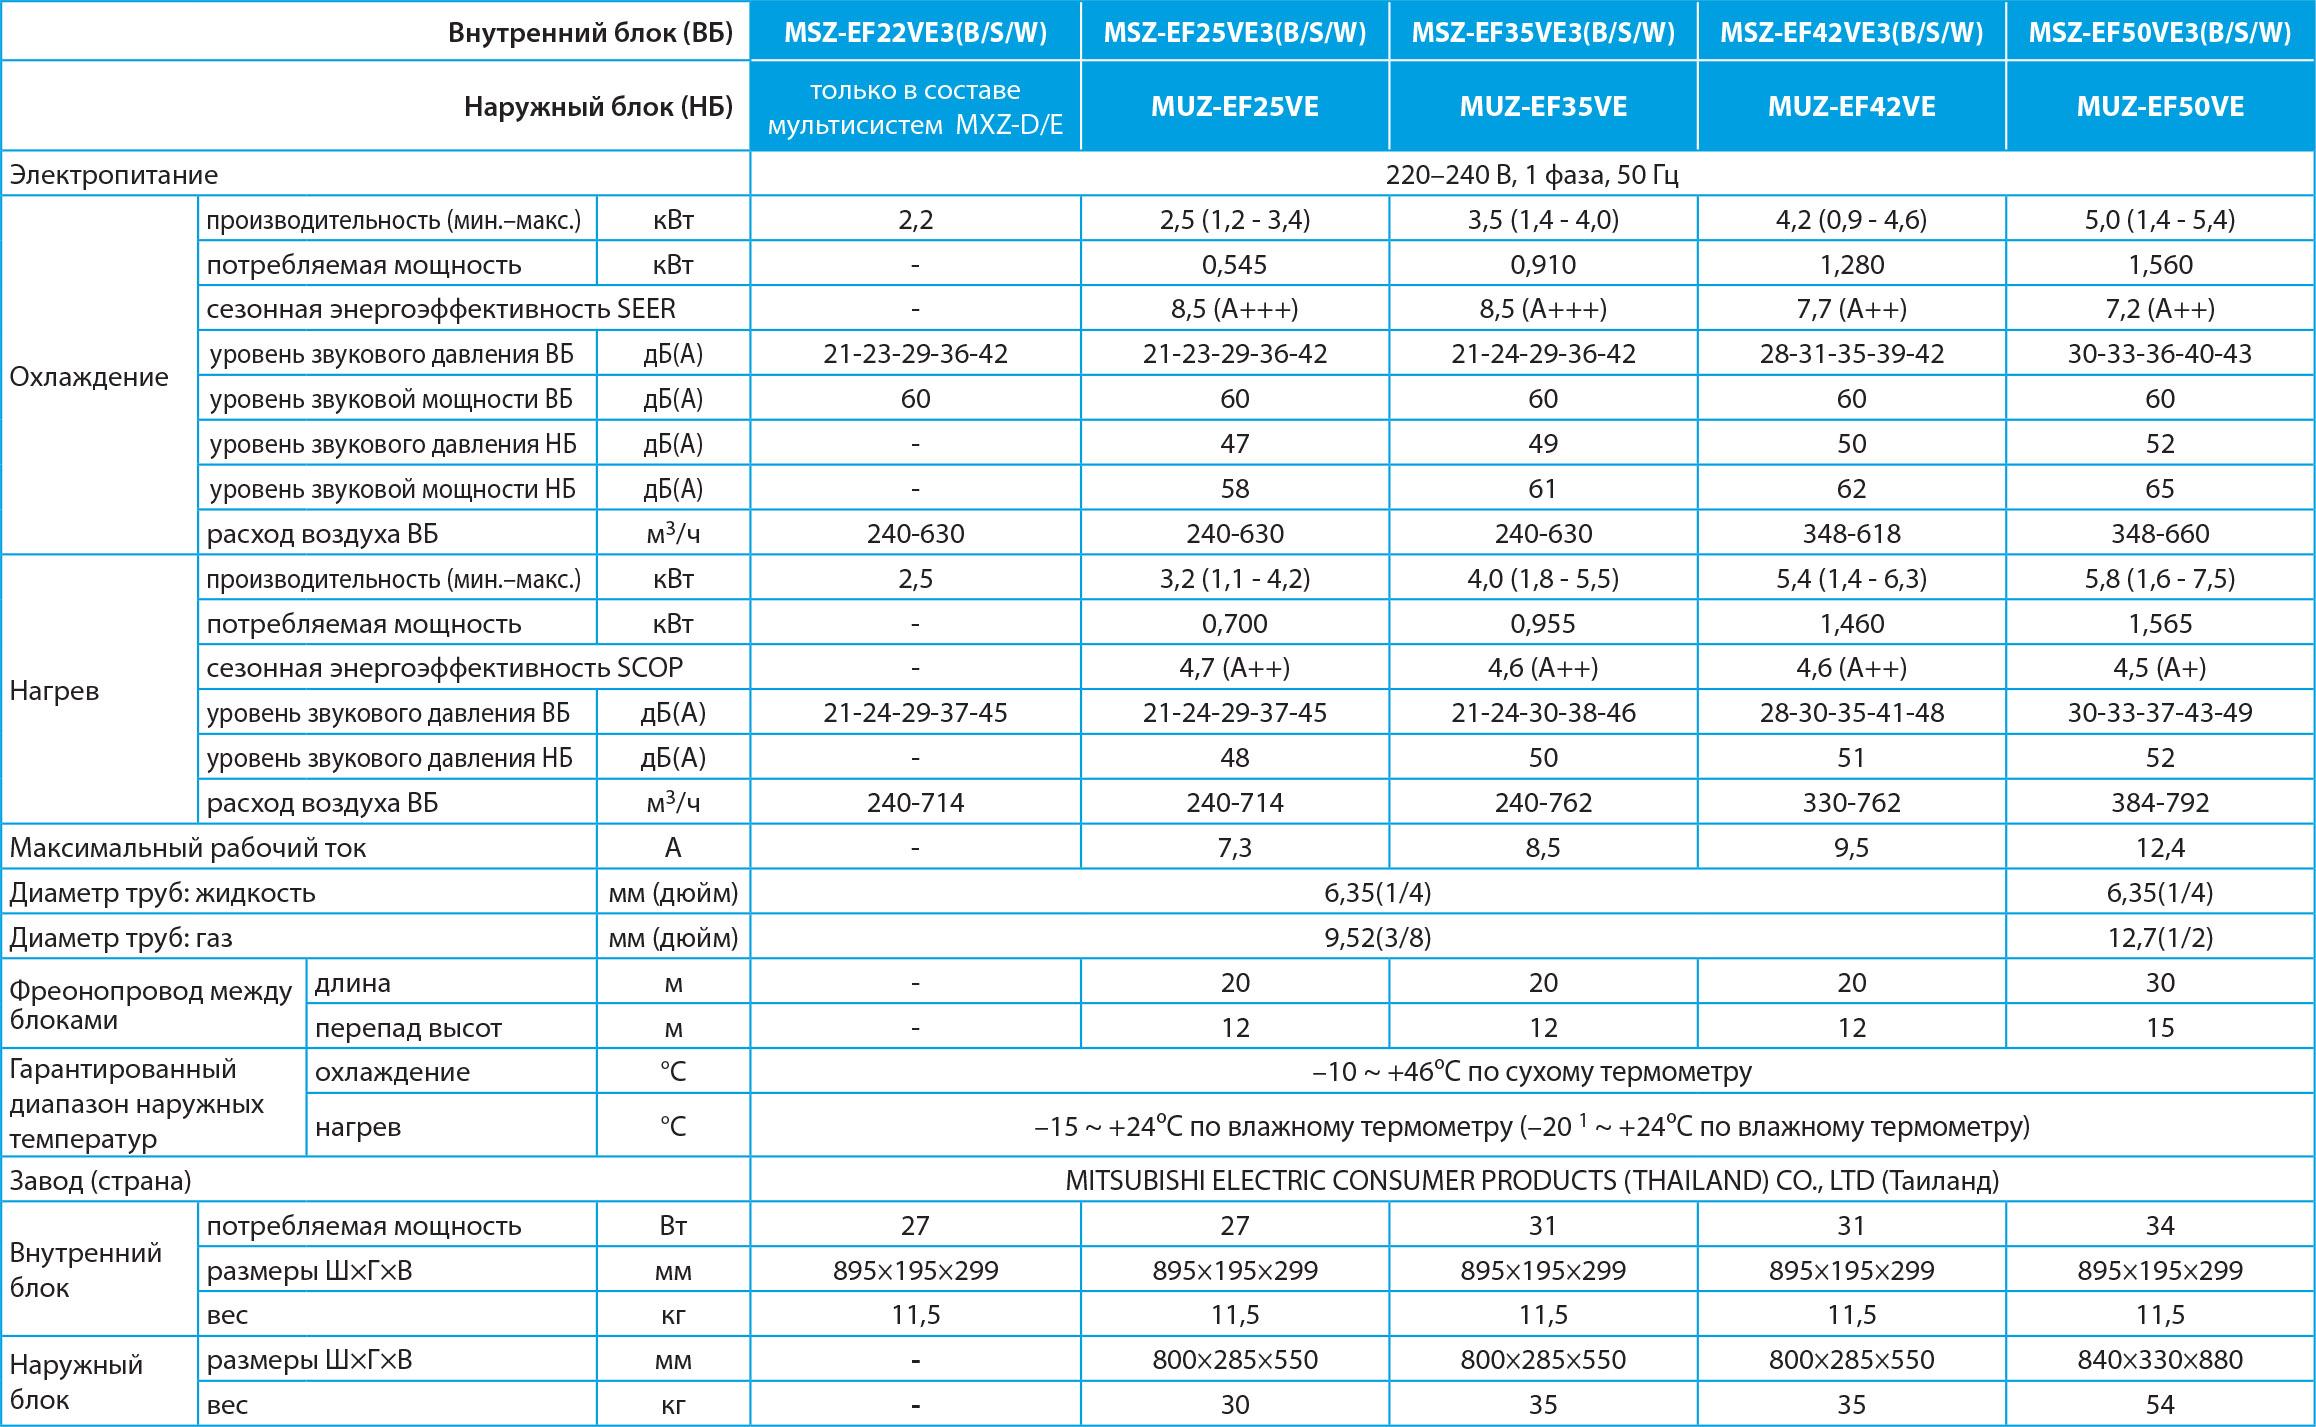 Технические характеристики кондиционера Mitsubishi Electric MSZ-EF50VES / MUZ-EF50VE серии Design Inverter